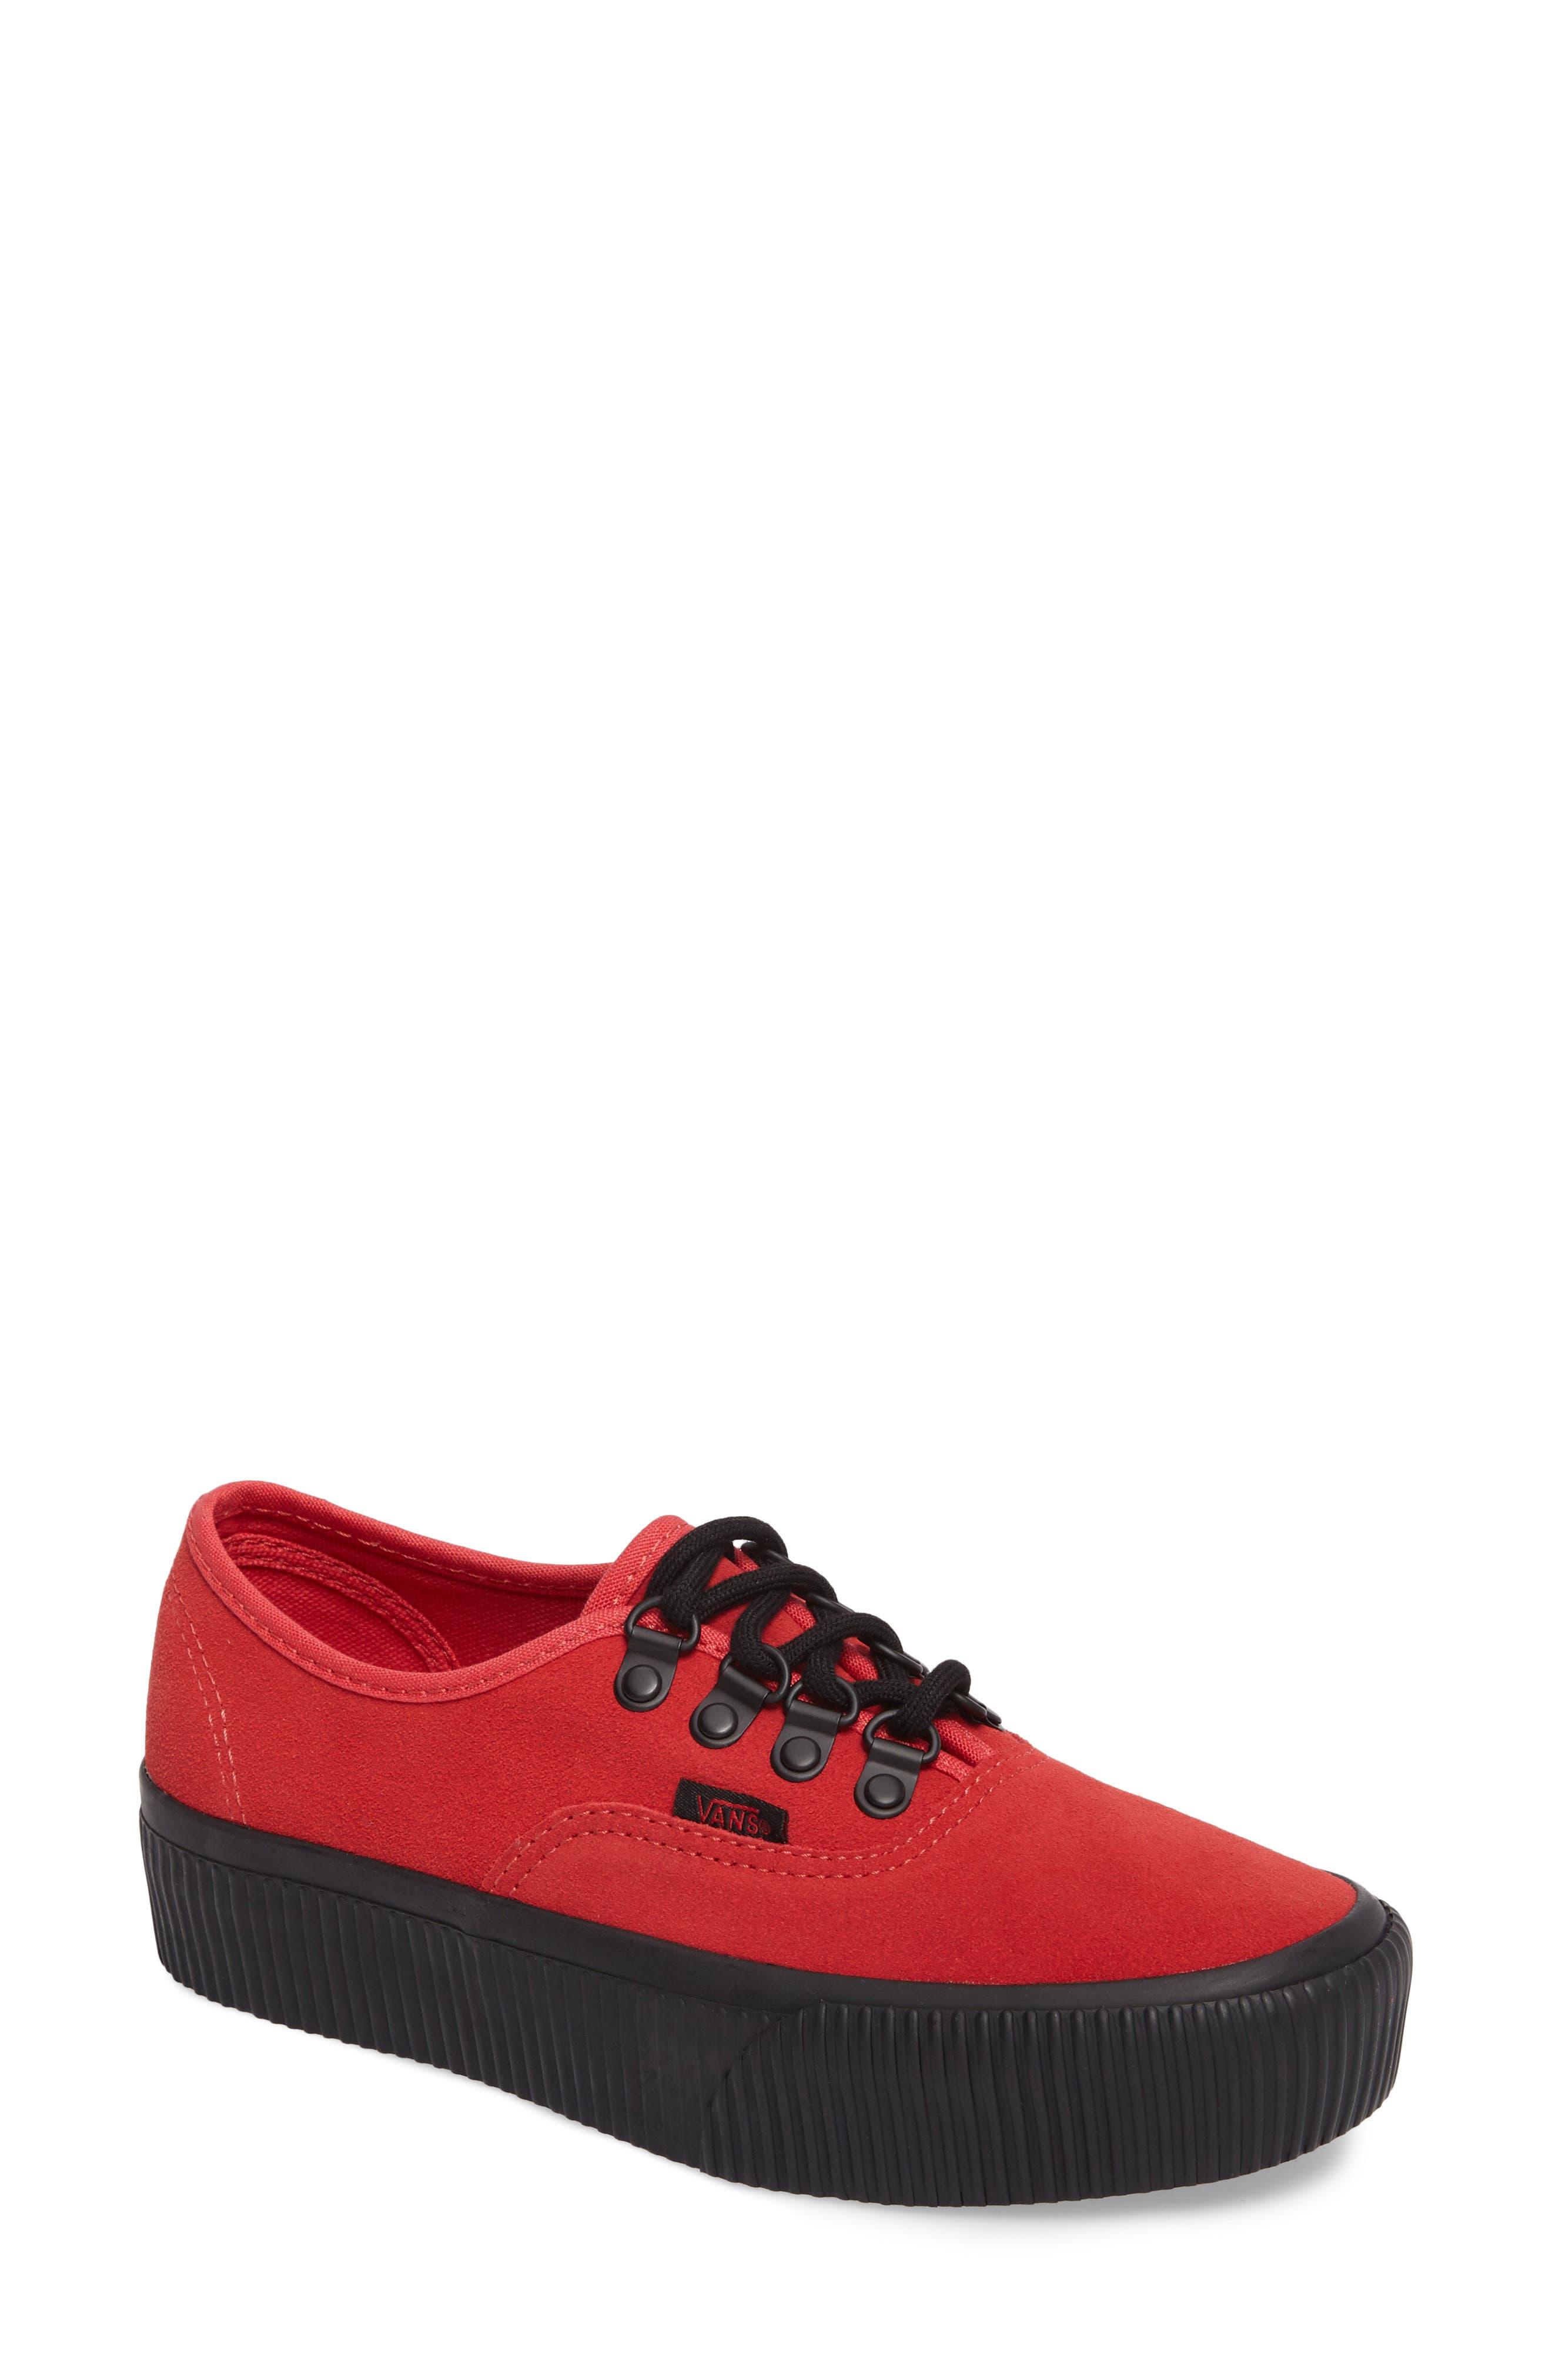 Main Image - Vans Authentic 2.0 Platform Sneaker (Women)